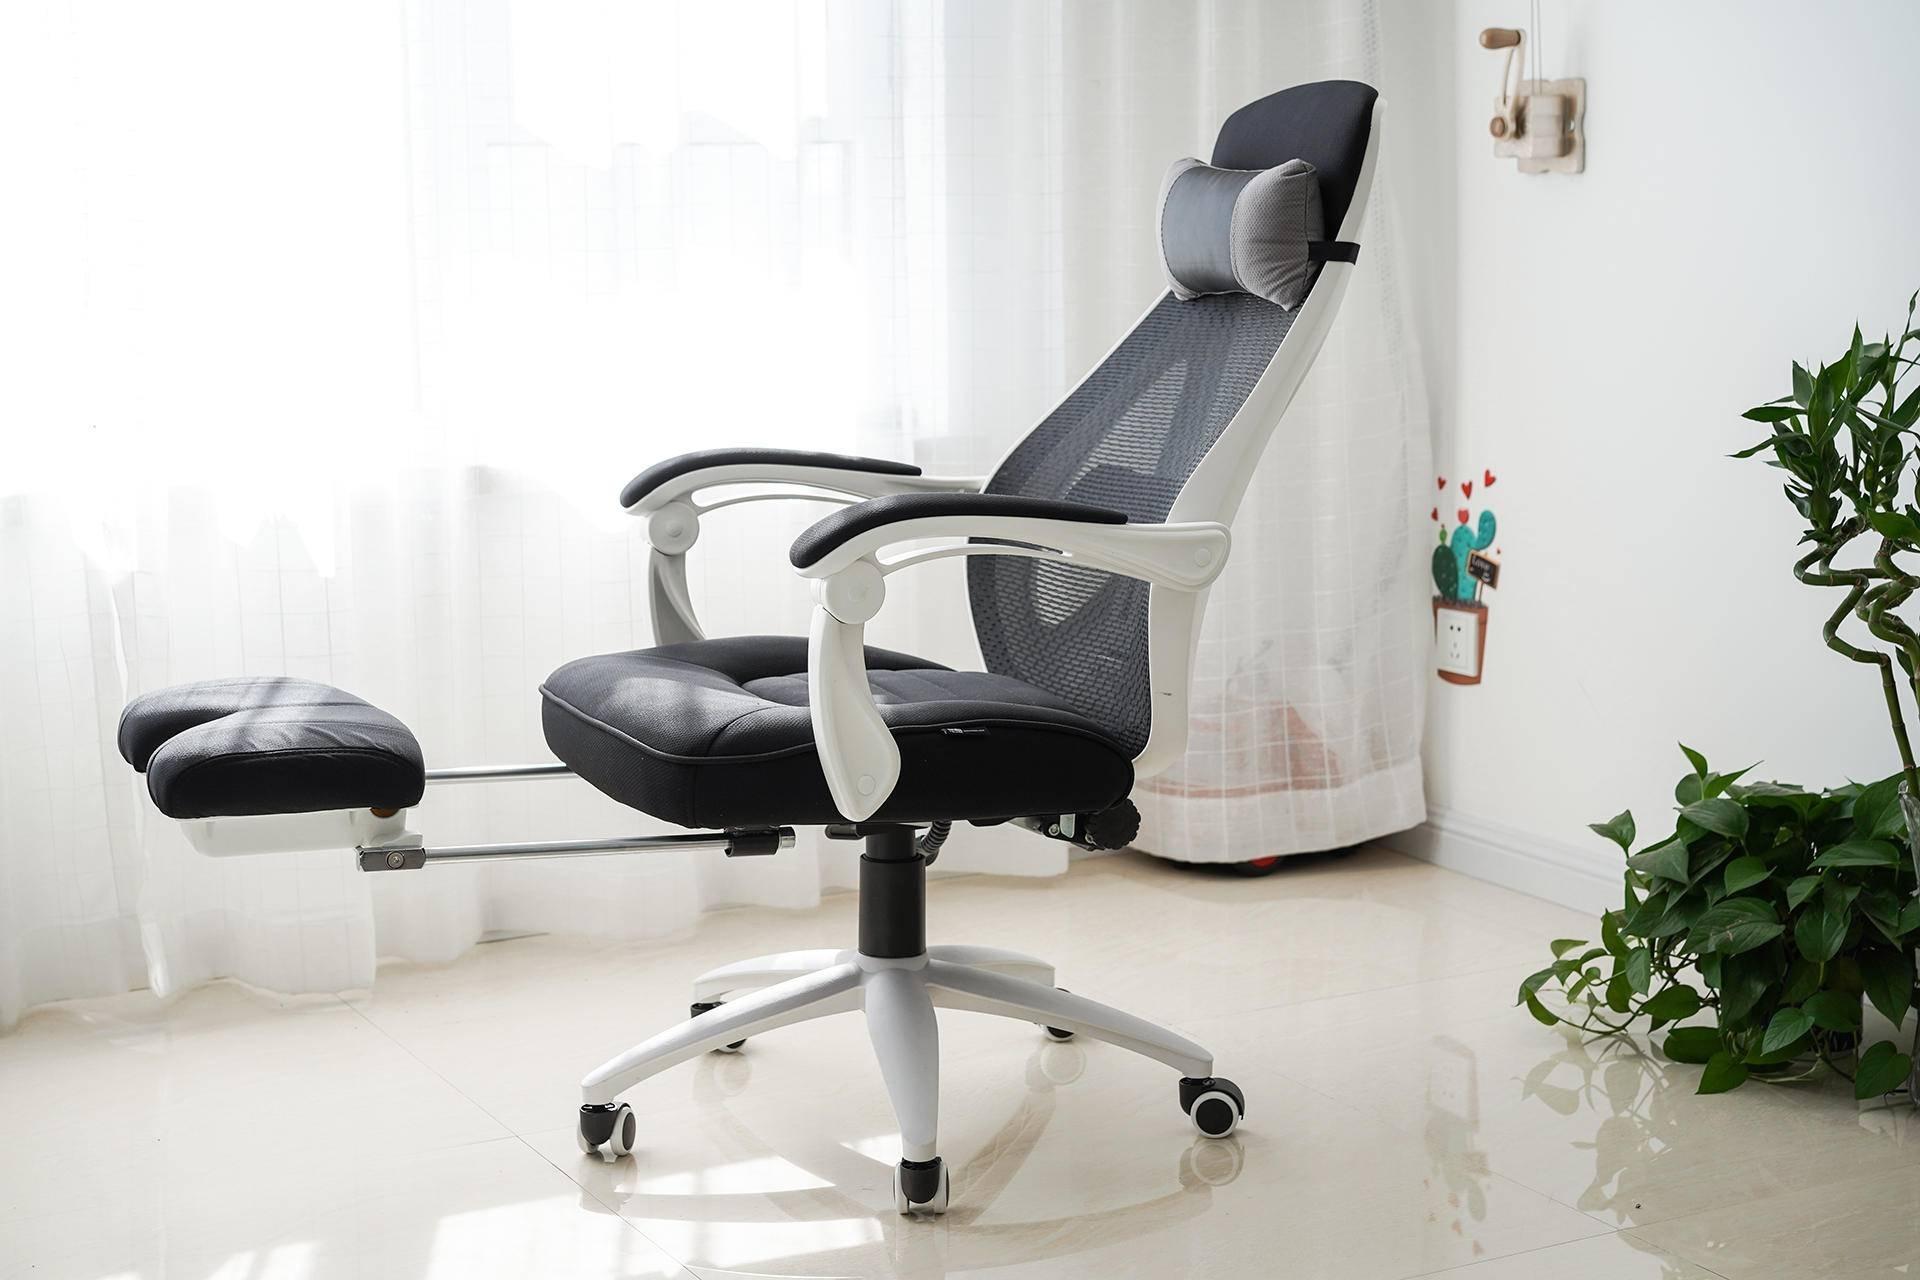 黑白调听海电脑椅:午休神器,让你躺着听海的